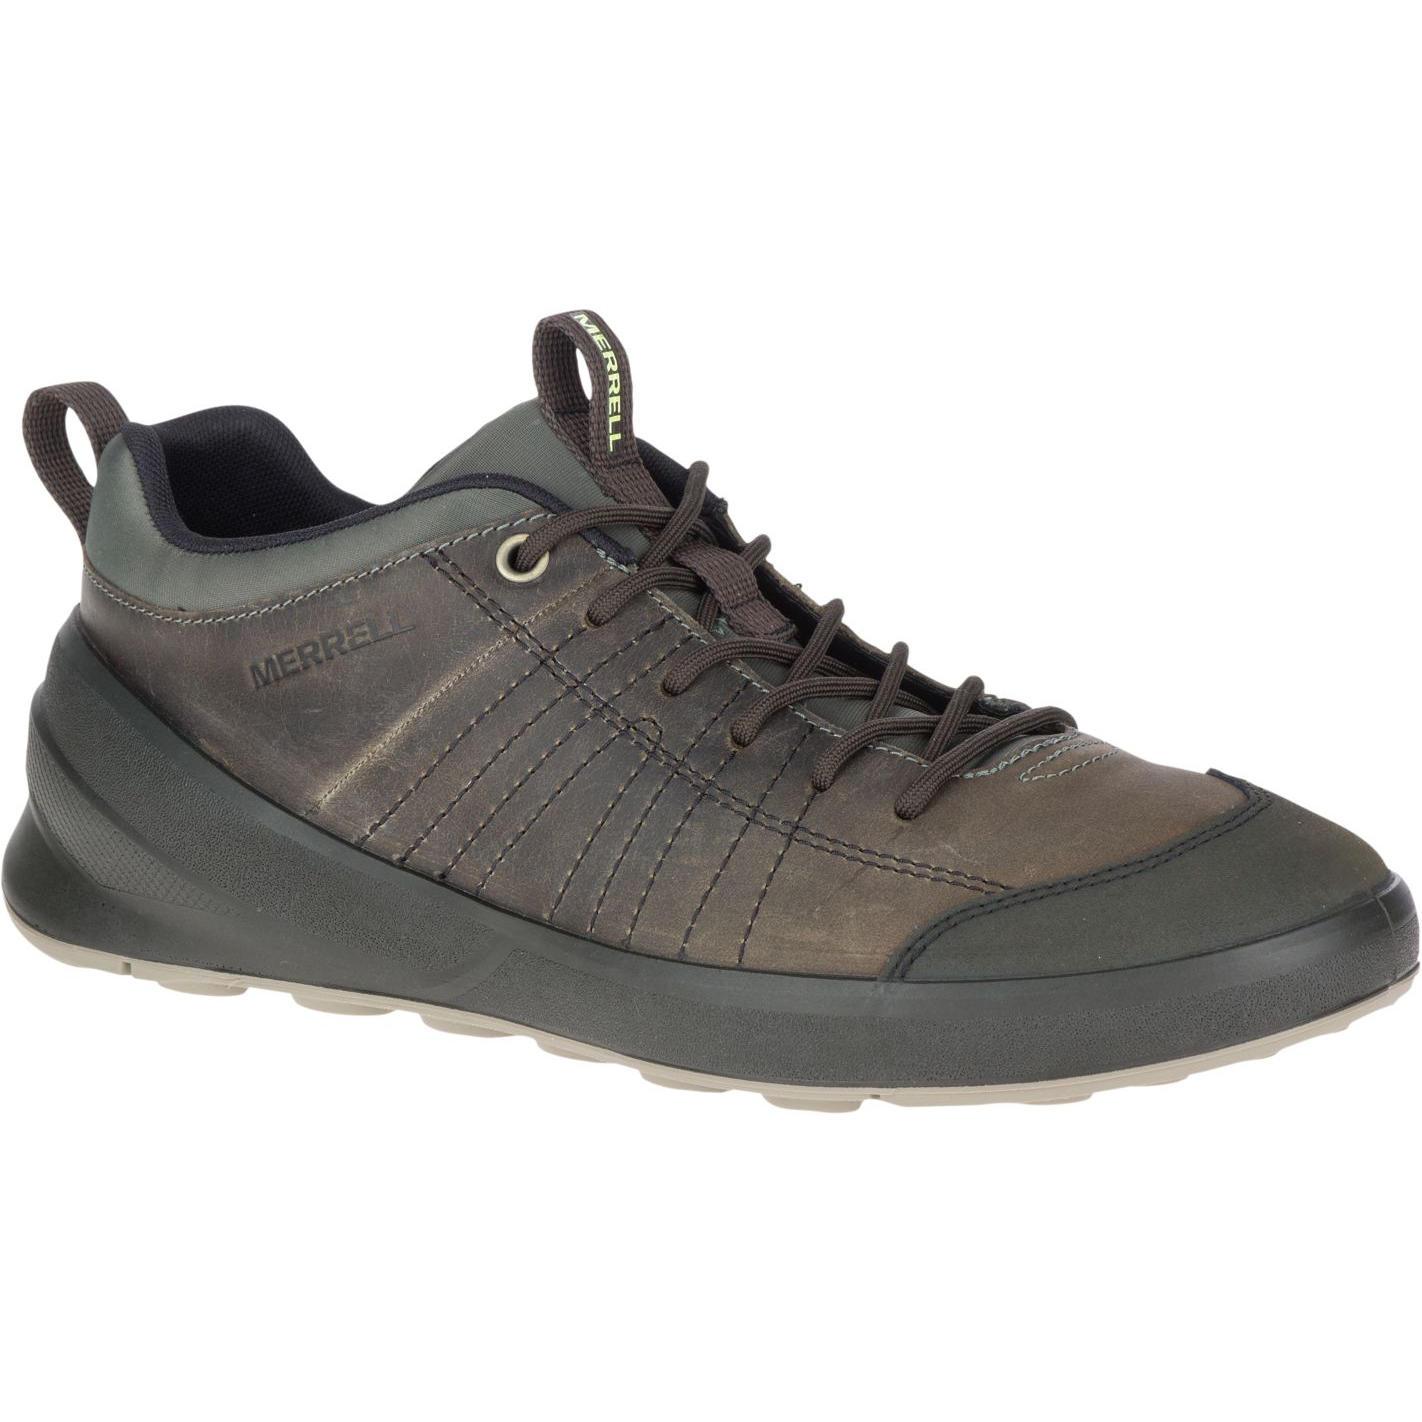 Ascent Valley Shoe - Men's